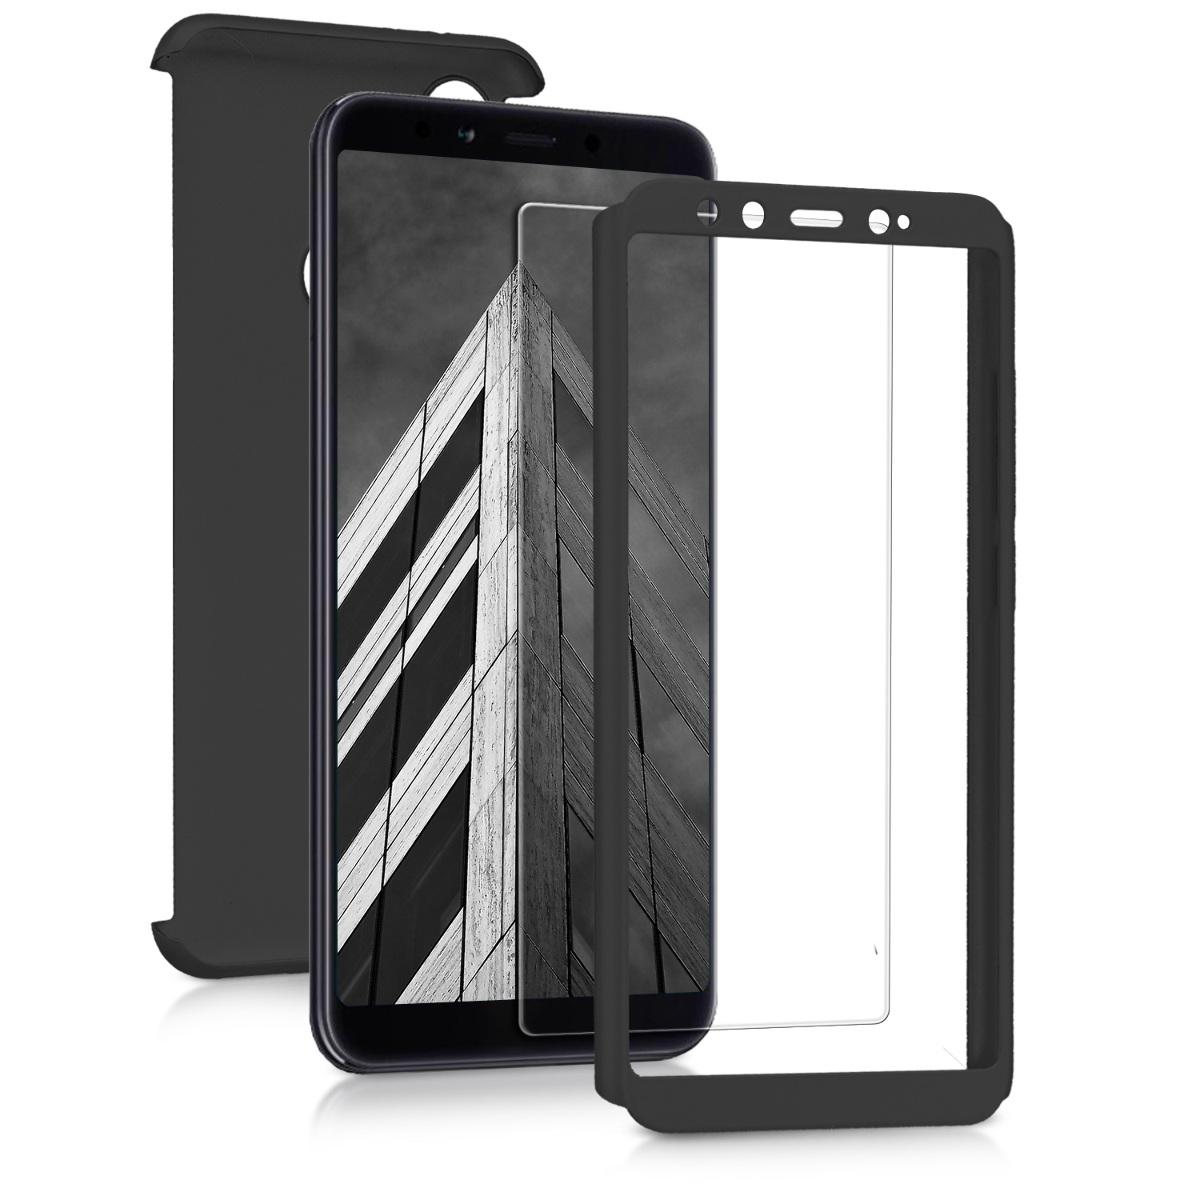 KW Θήκη Full Body για Xiaomi Mi A2 / Mi 6X & Tempered Glass - Metallic Black (45219.68)